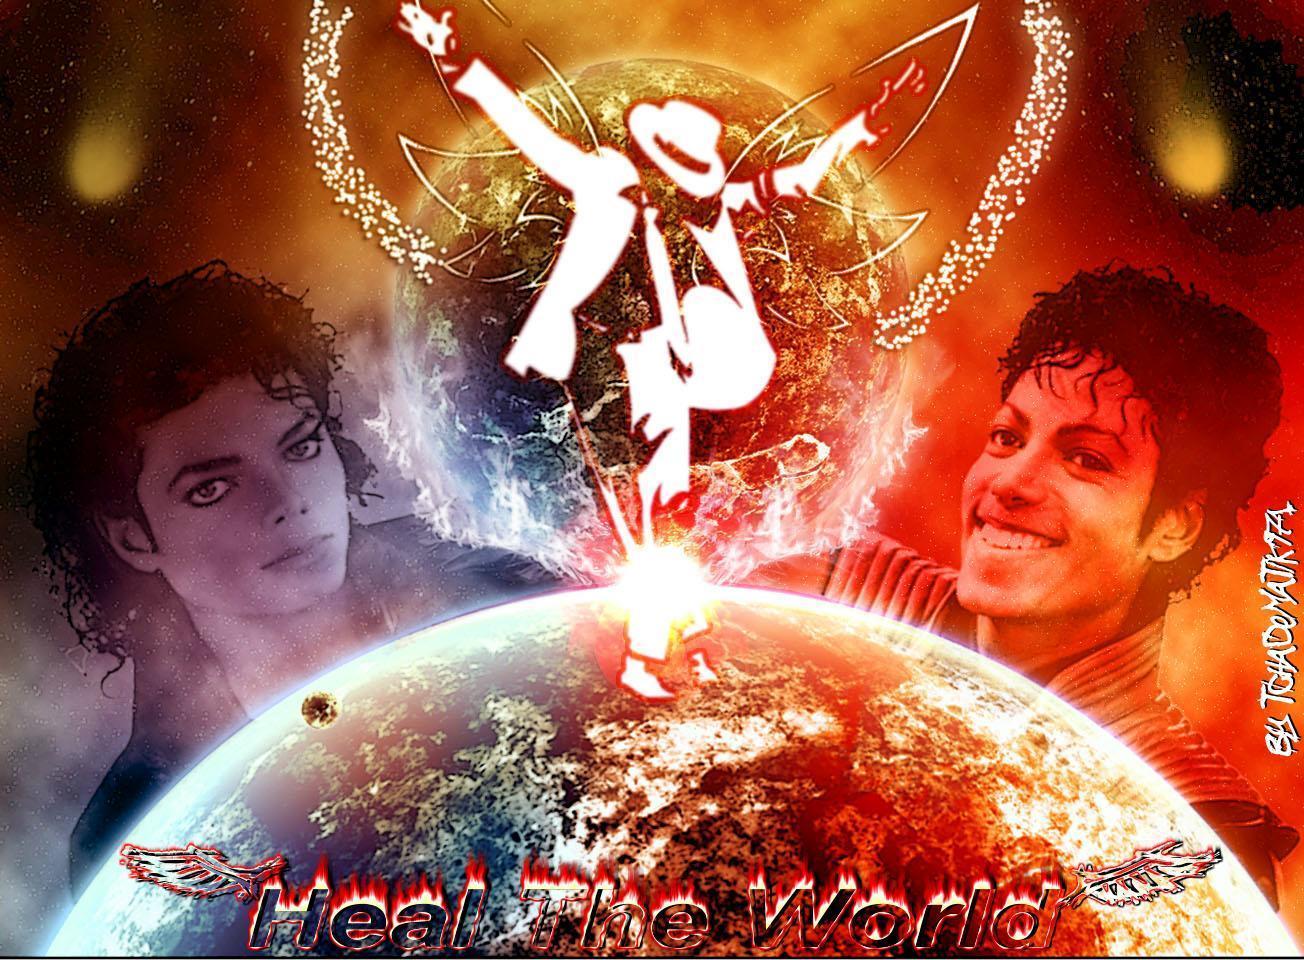 http://2.bp.blogspot.com/_clDcZFO4R7Q/S-dcgblPLJI/AAAAAAAAAA4/R5L3vtBpw9E/s1600/Heal-The-World-michael-jackson-7984220-1304-960.jpg